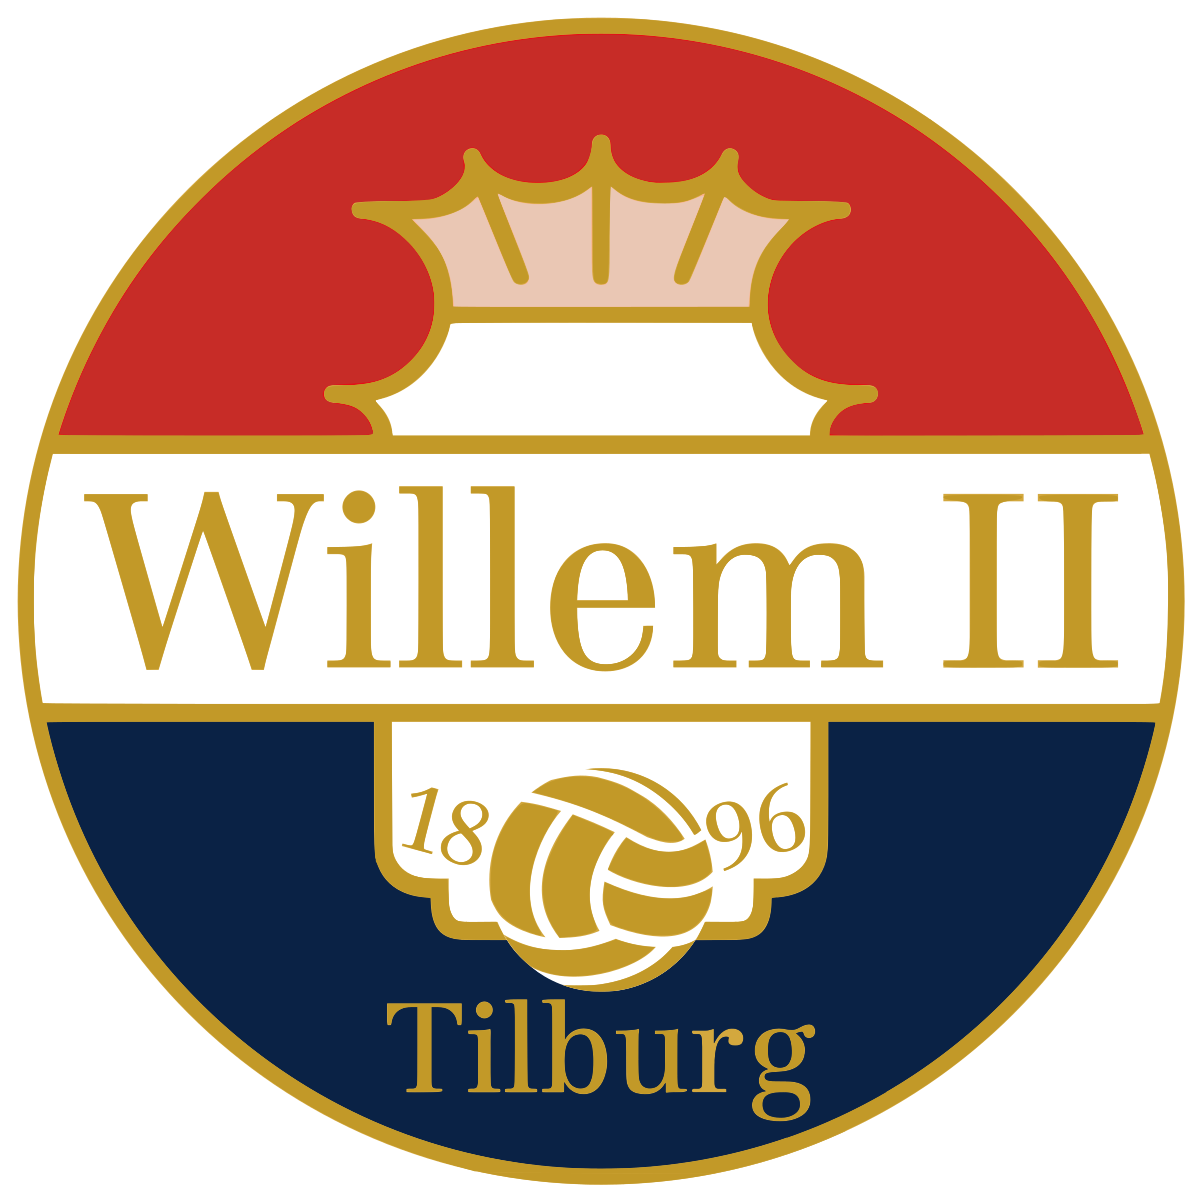 HERB Willem II Tilburg